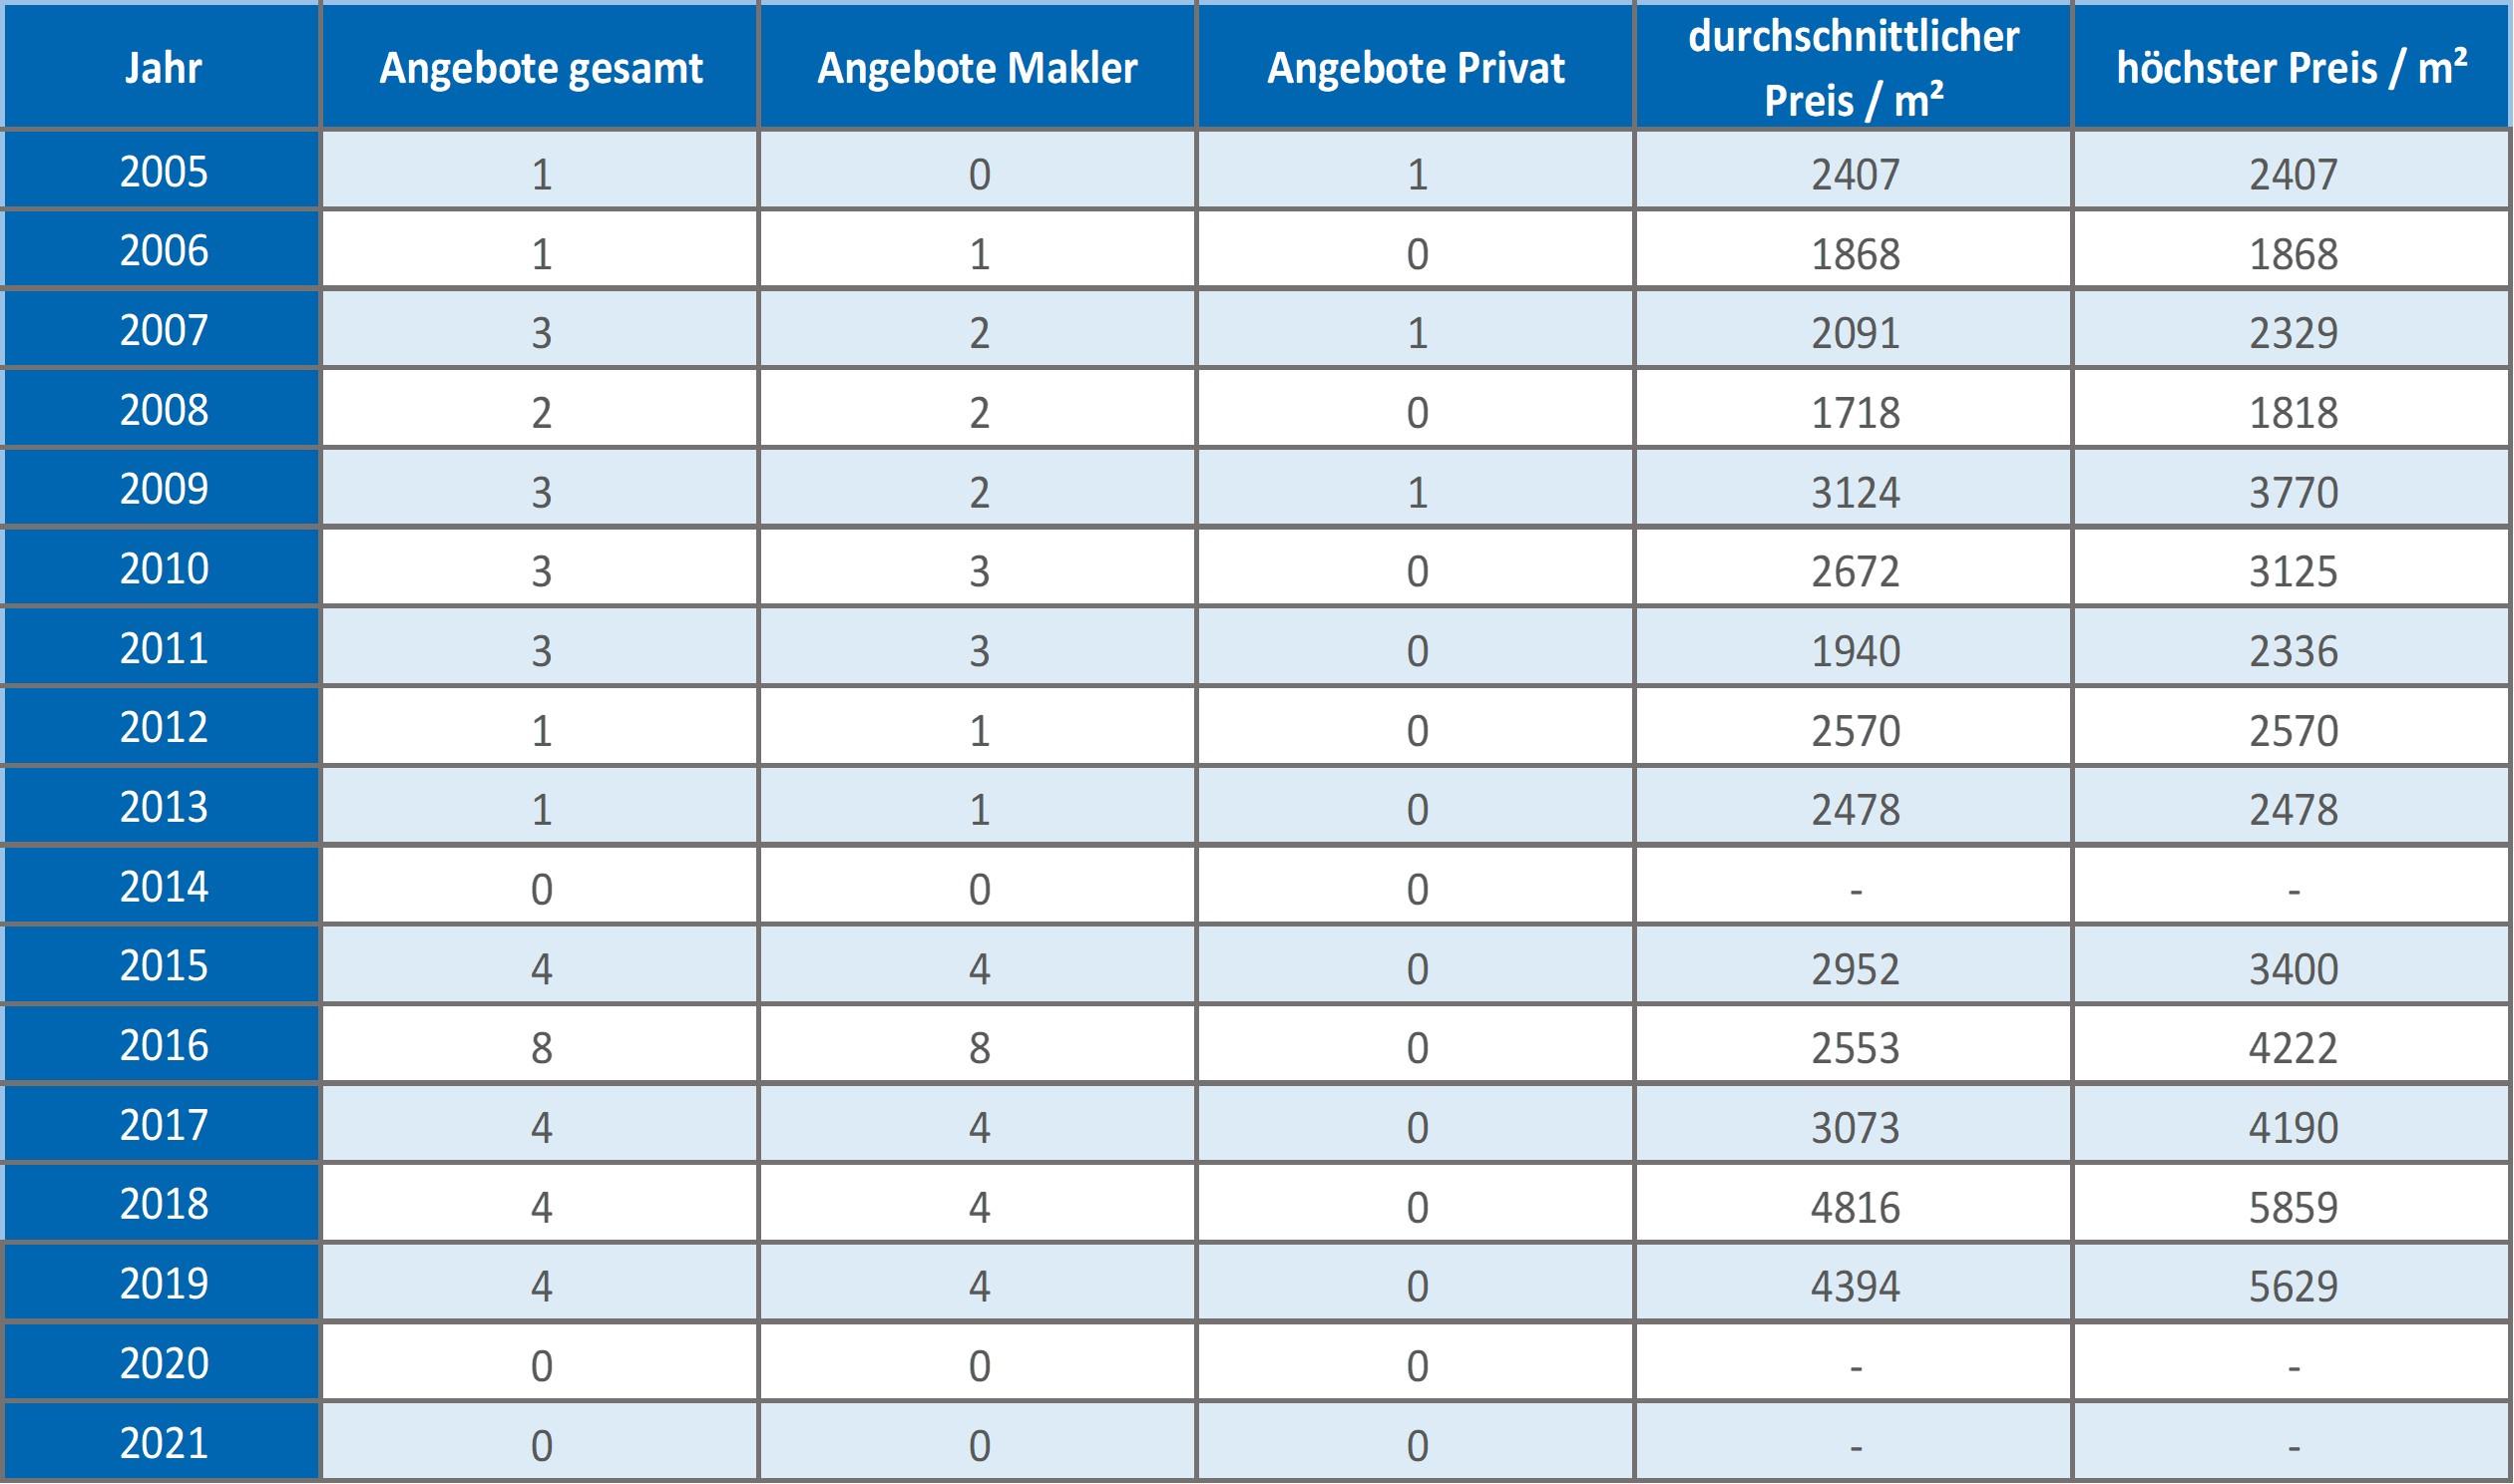 Anzing-Mehrfamilienhaus-kaufen-verkaufen-Makler 2019, 2020, 2021